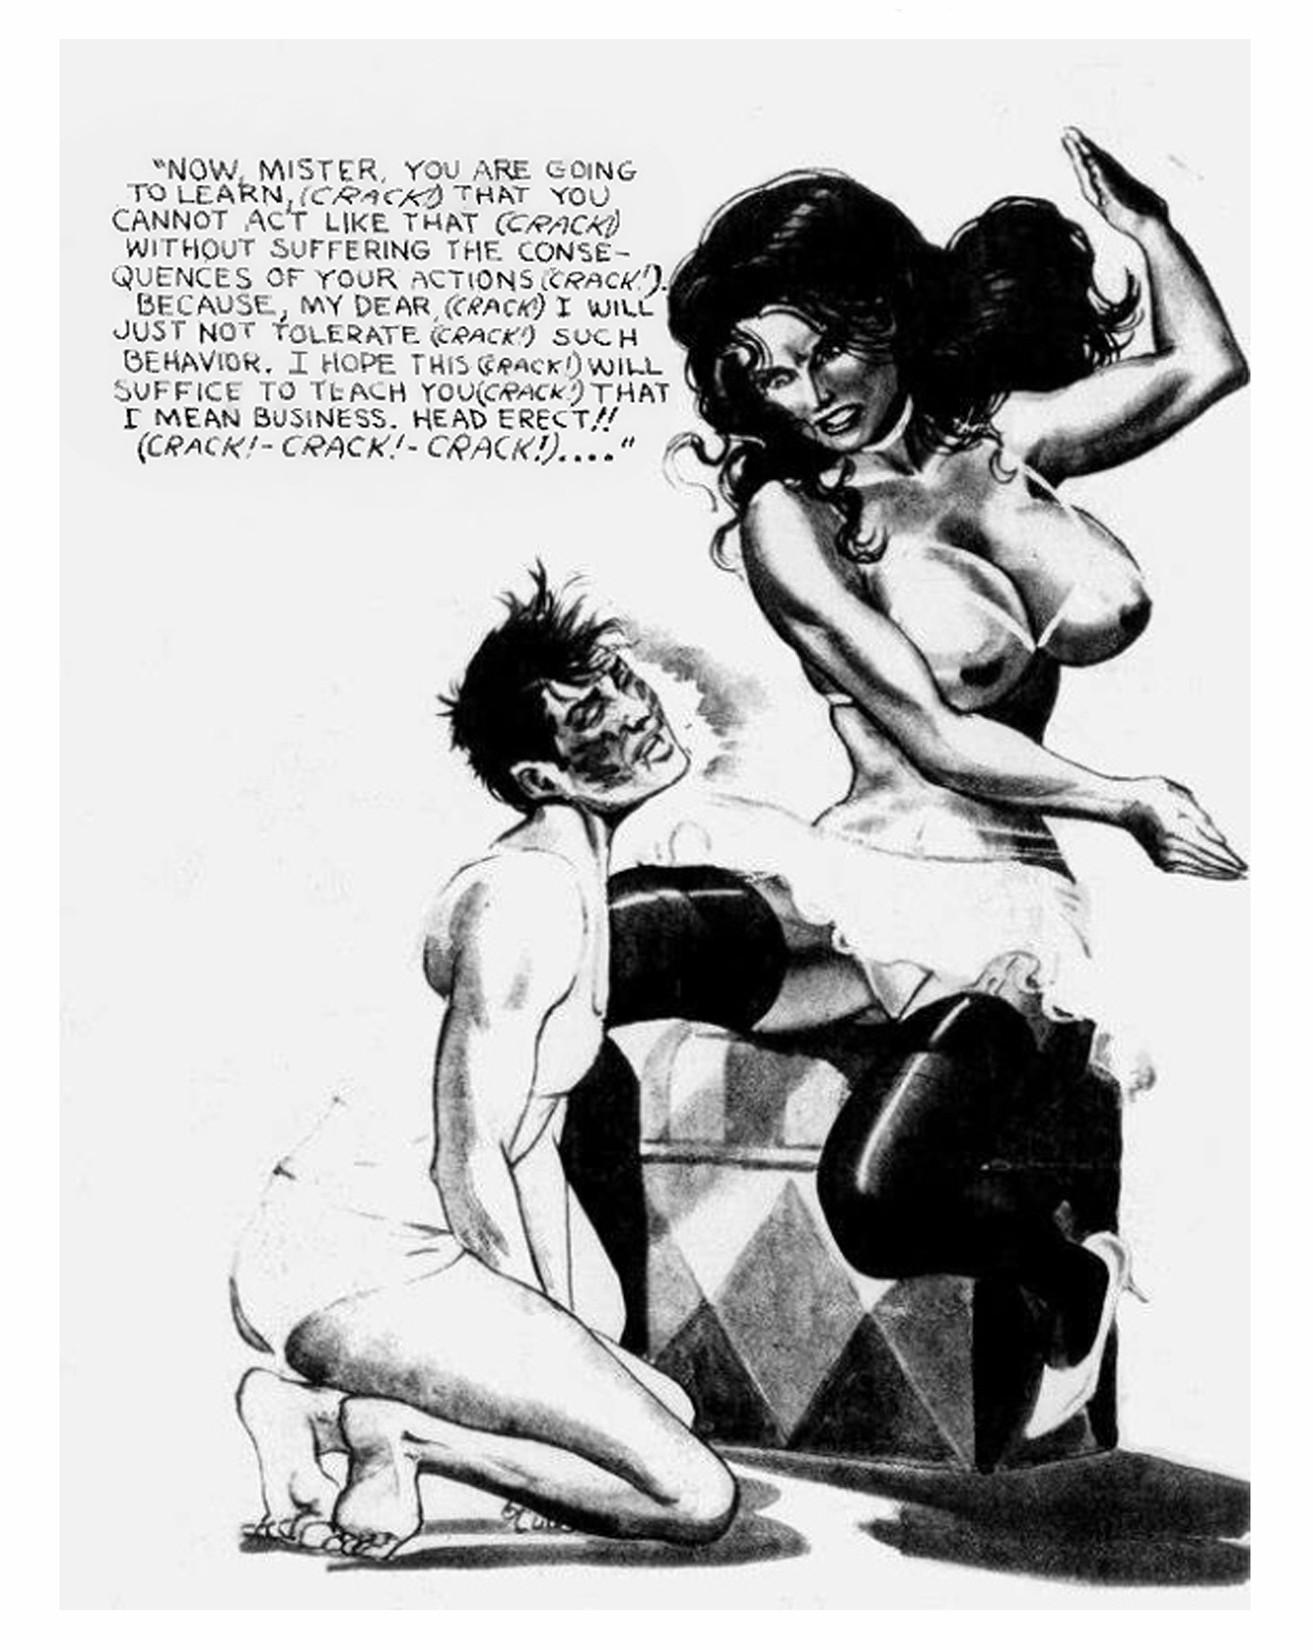 best-model-hot-sexy-hot-edging-tie-tease-cock-orgasm-play-london-kings-cross.jpg